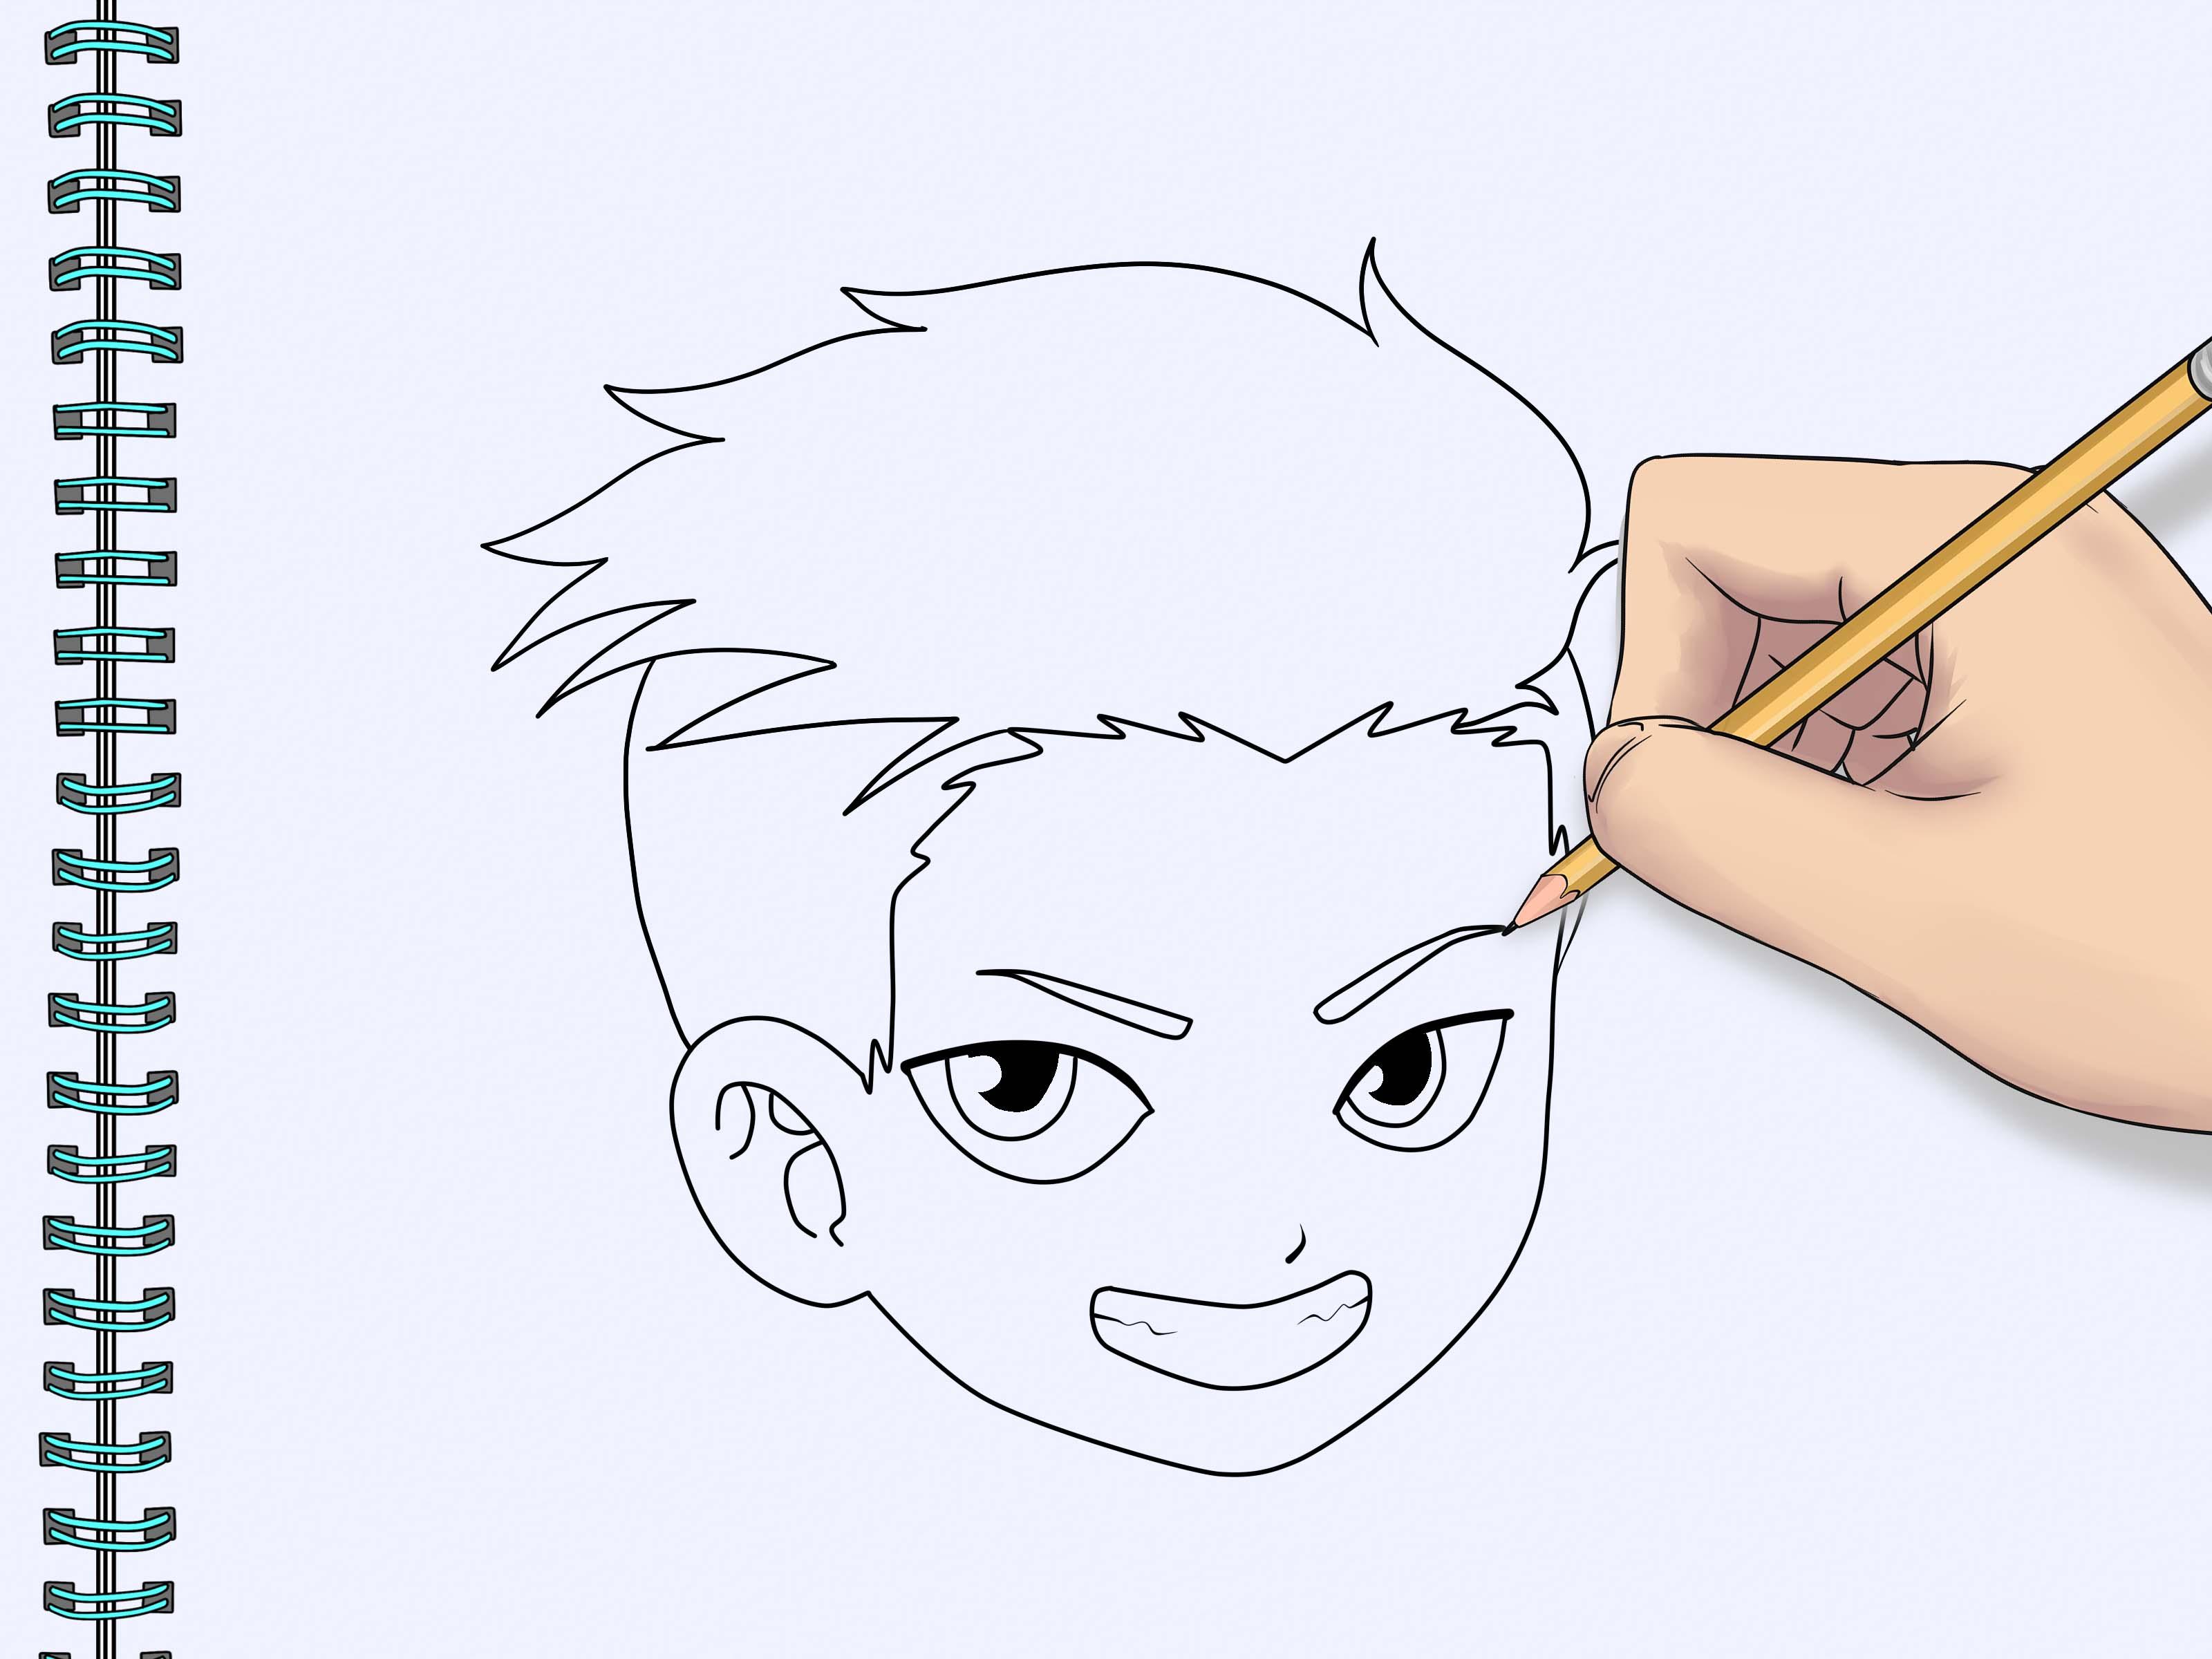 3200x2400 4 Ways to Draw Cartoon Eyes